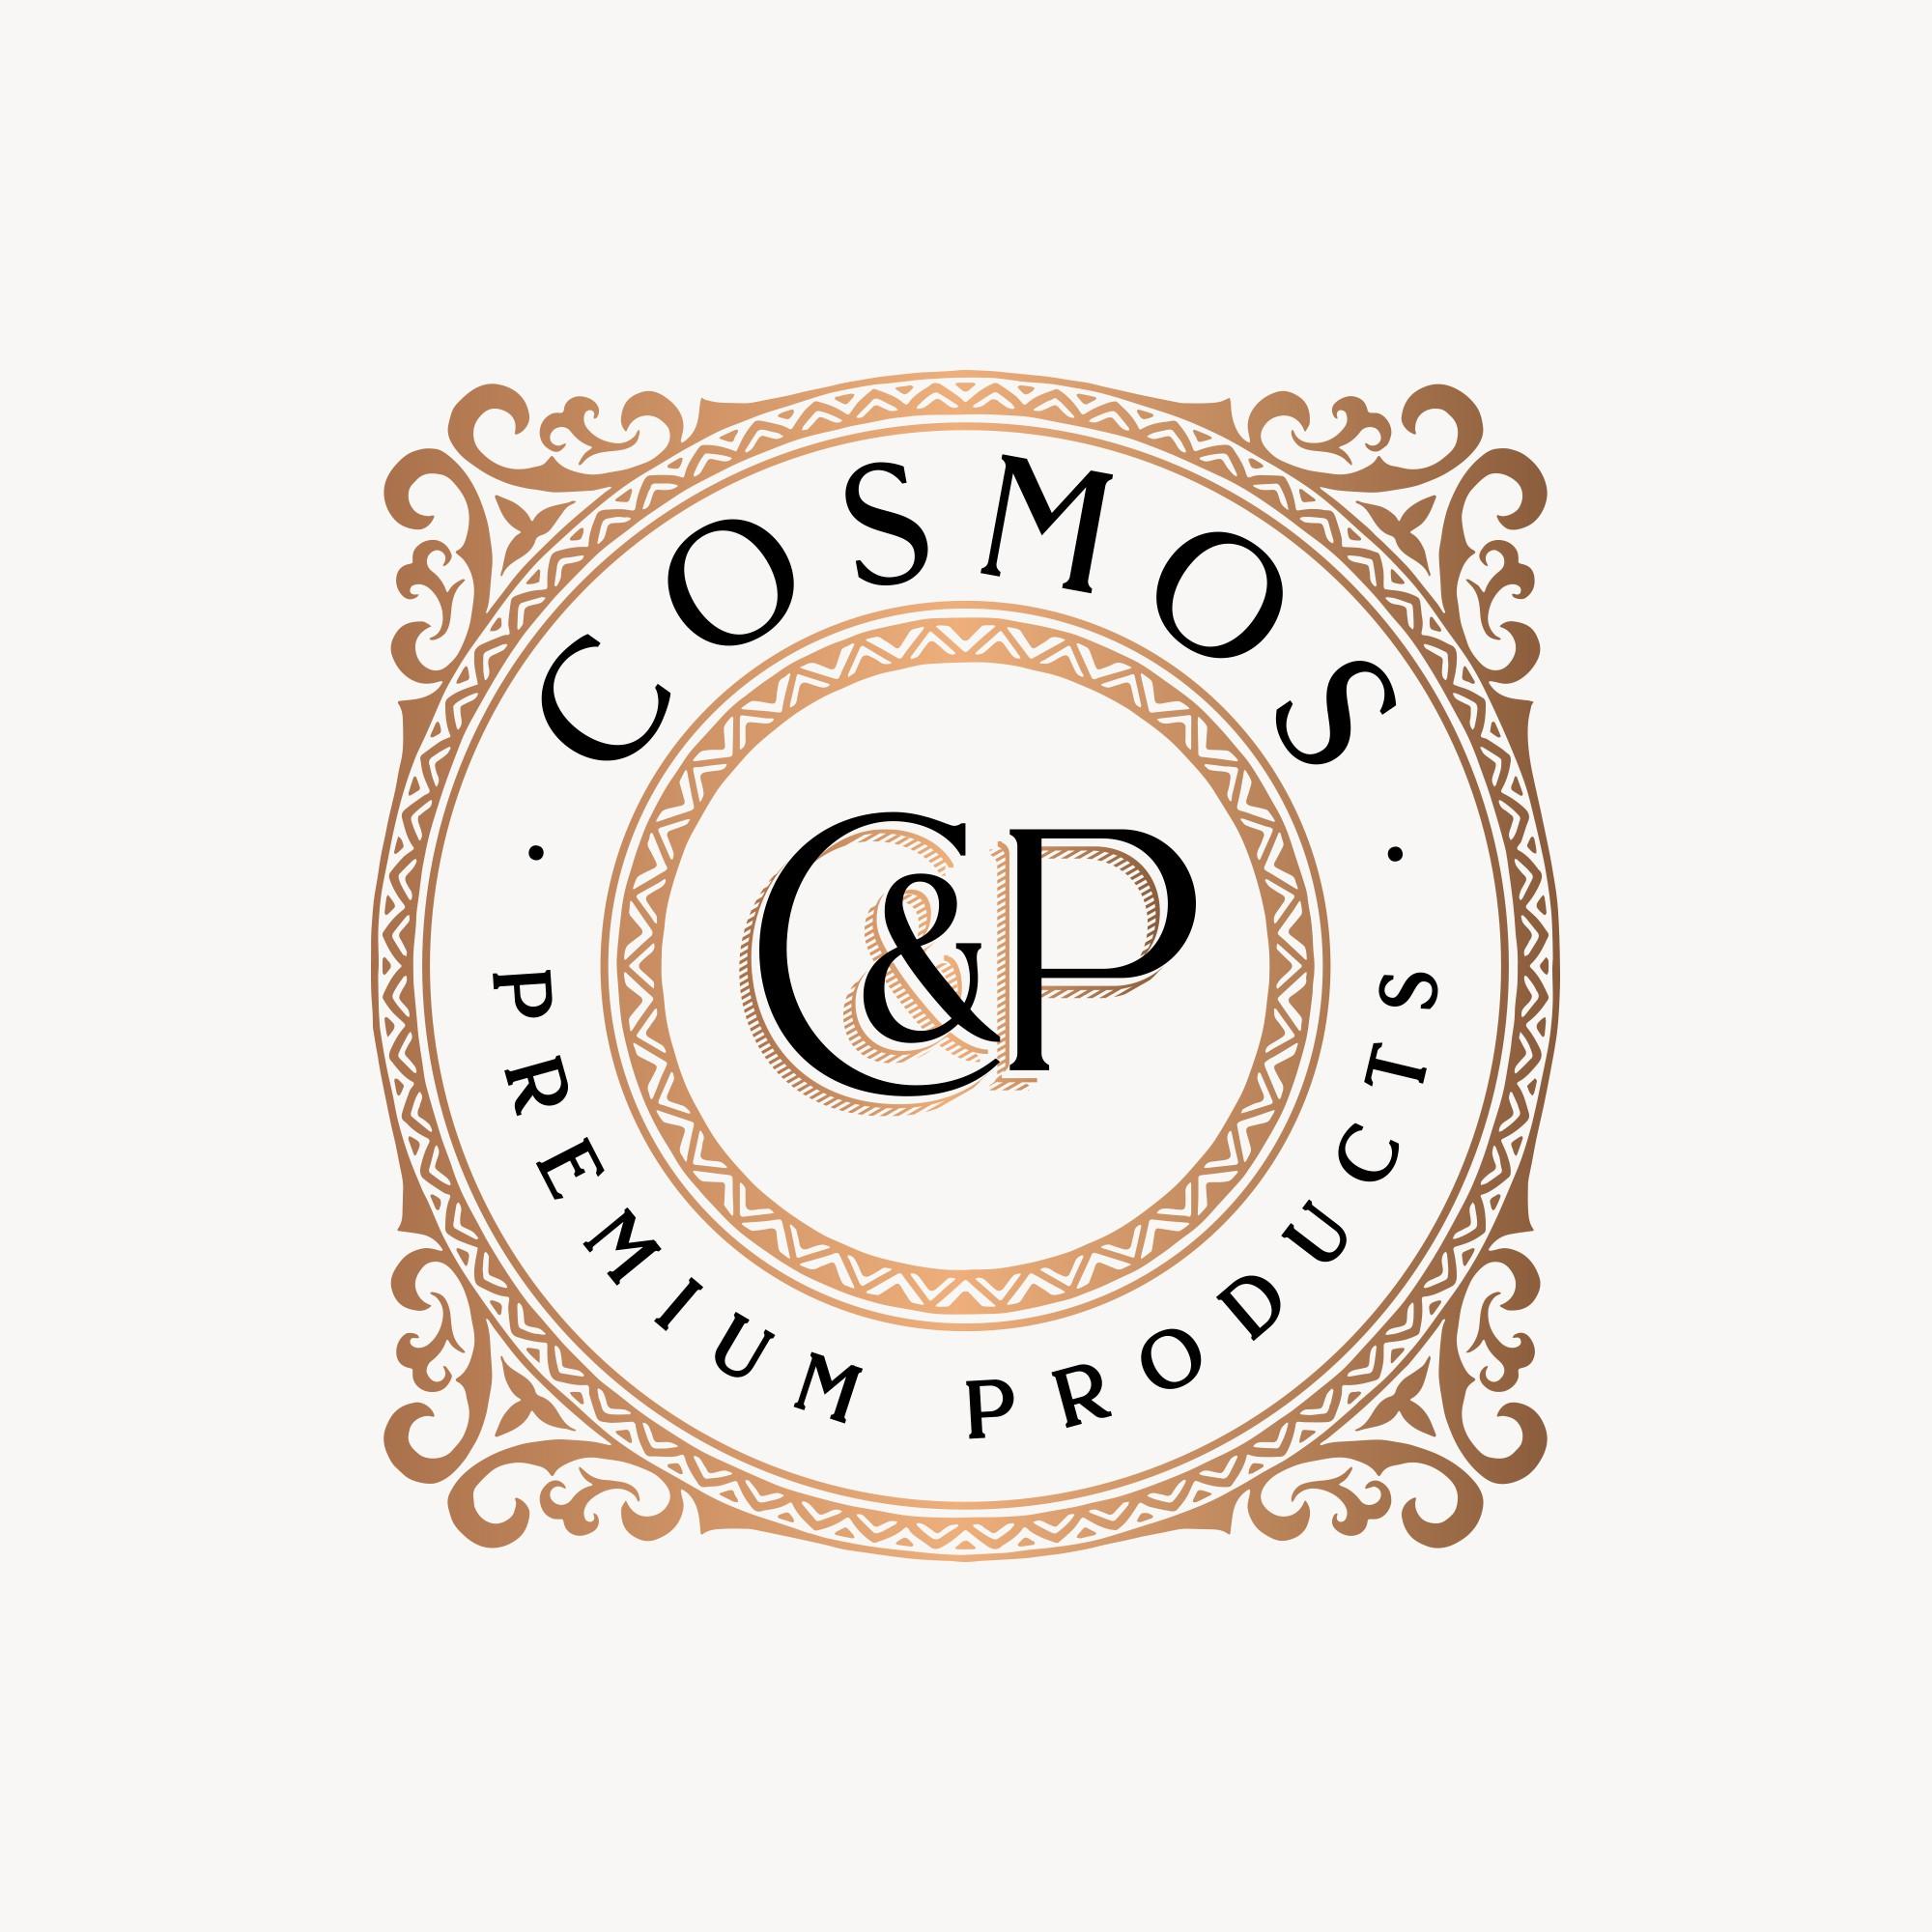 Erstelle ein Premium Logo für Cosmos Premium Products